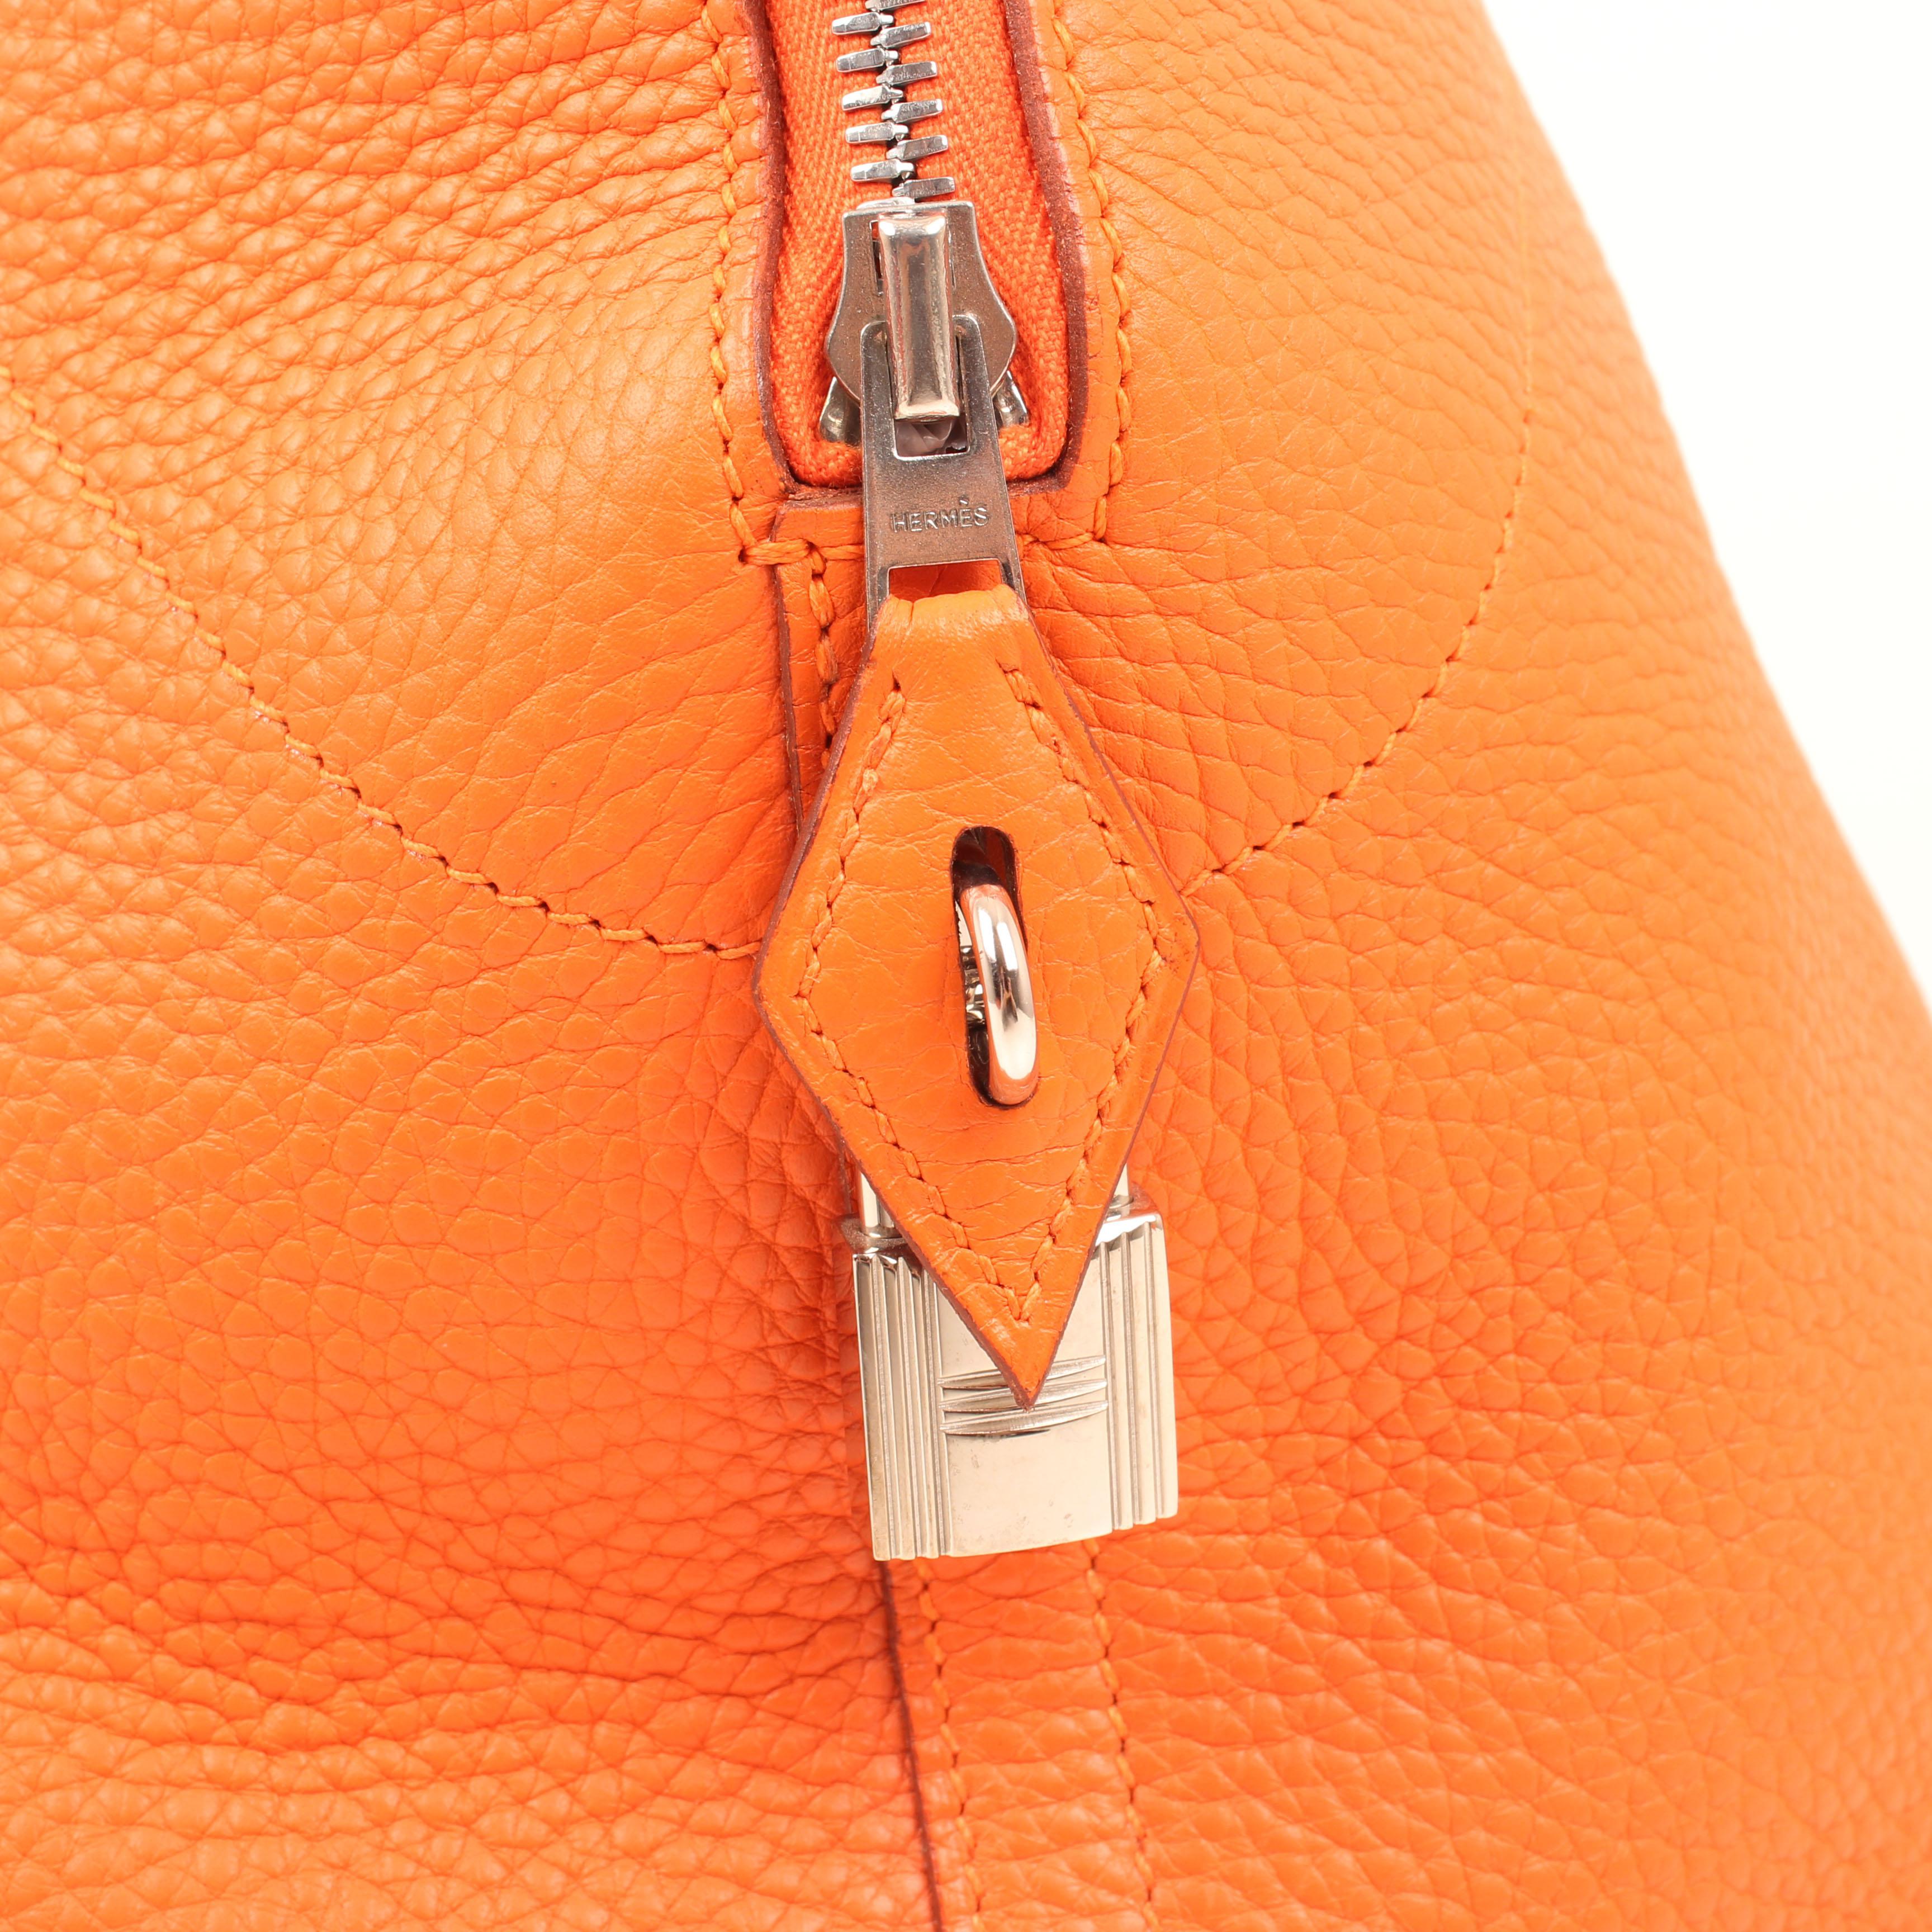 bolsa de viaje hermes bolide 45 piel togo naranja candado